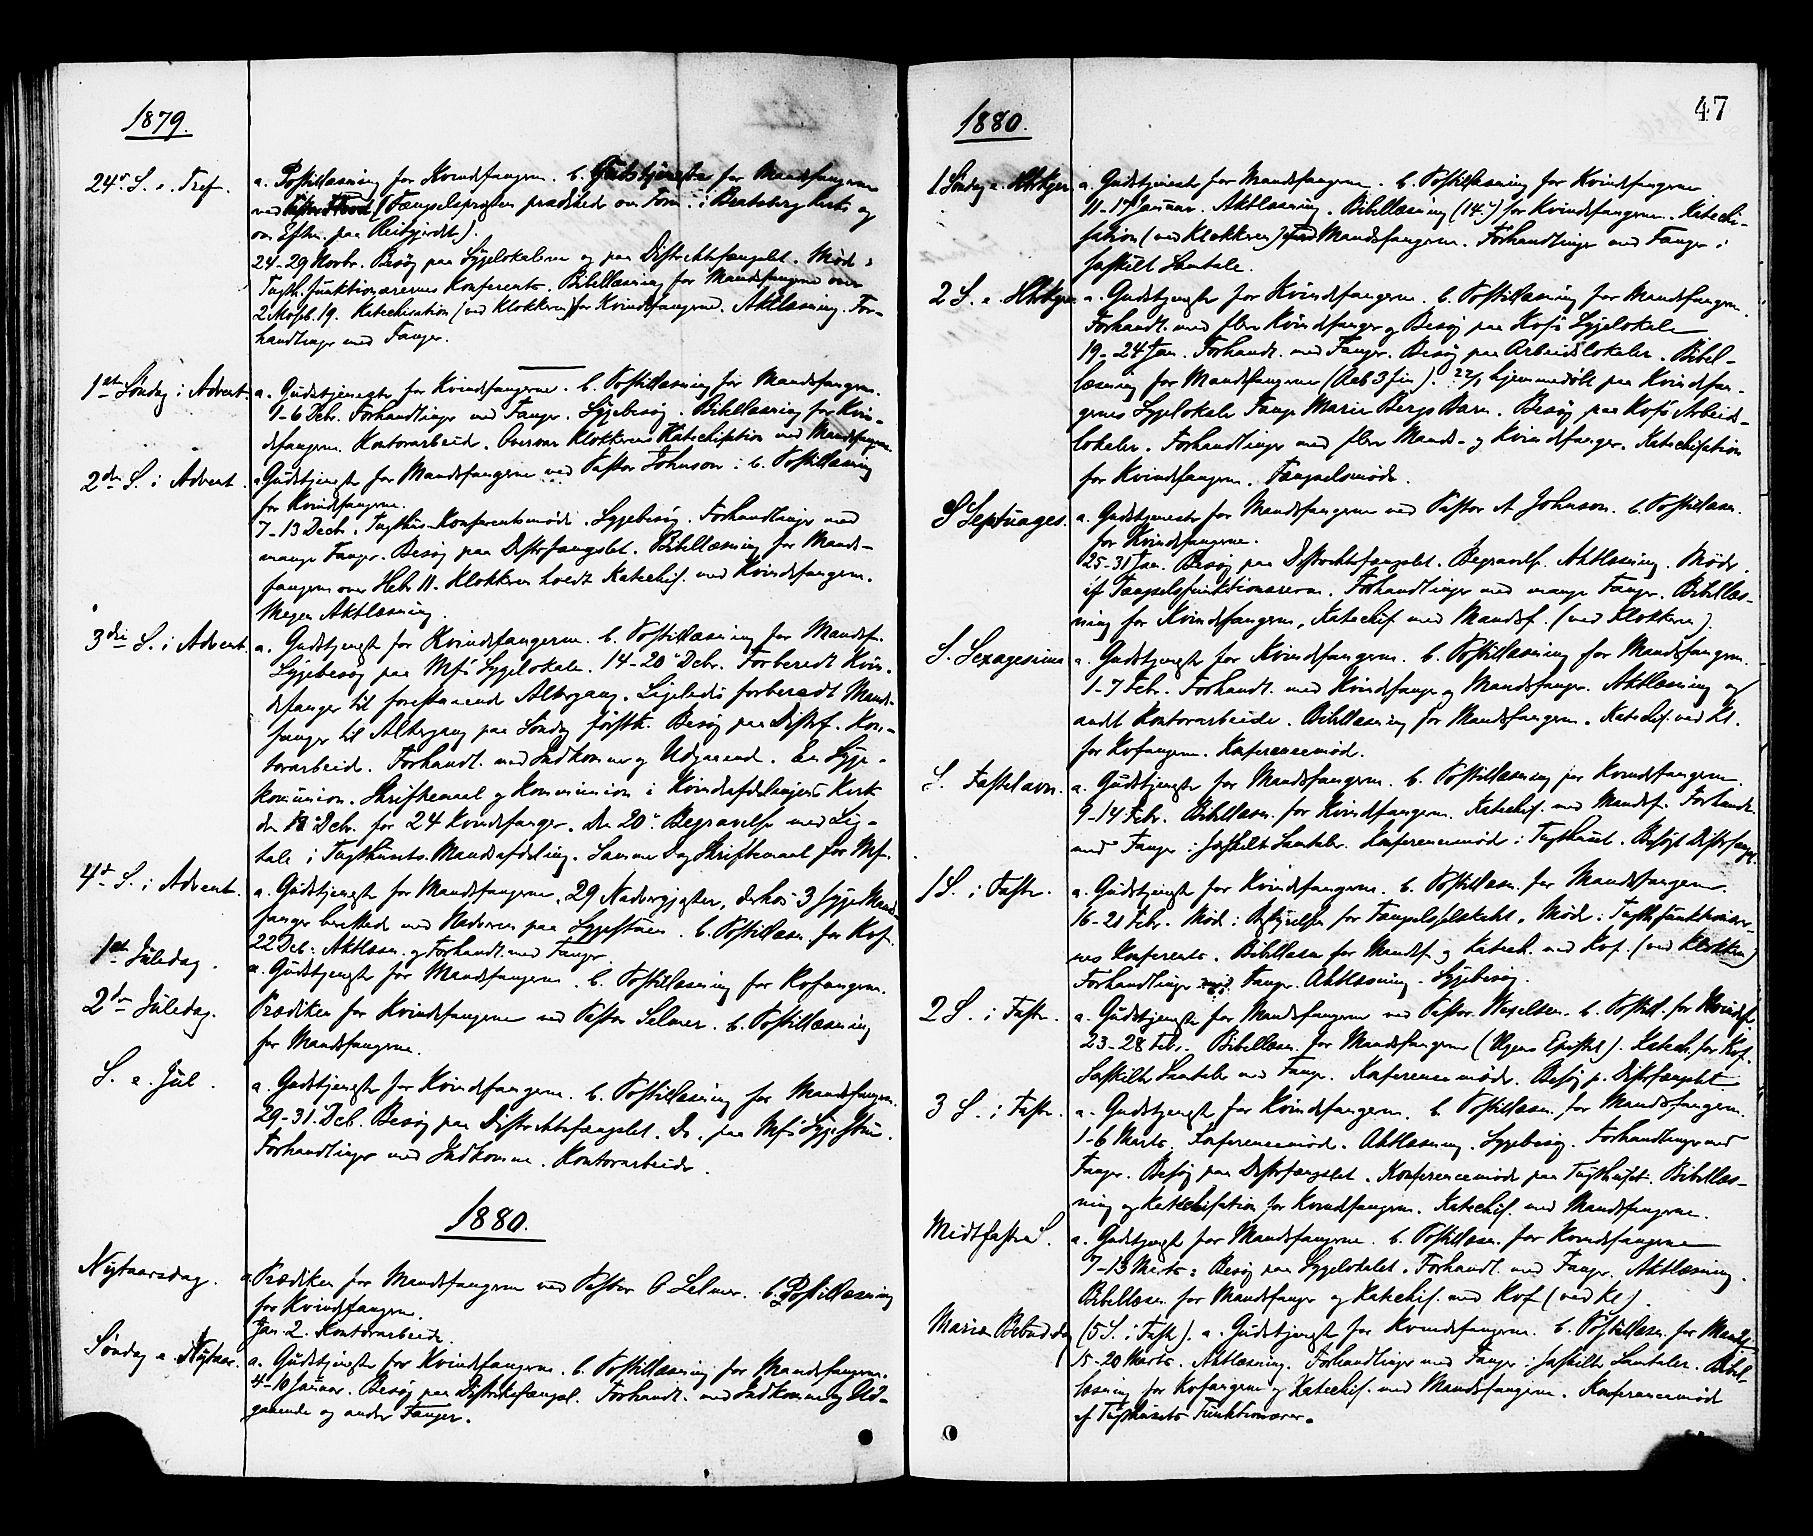 SAT, Ministerialprotokoller, klokkerbøker og fødselsregistre - Sør-Trøndelag, 624/L0482: Ministerialbok nr. 624A03, 1870-1918, s. 47